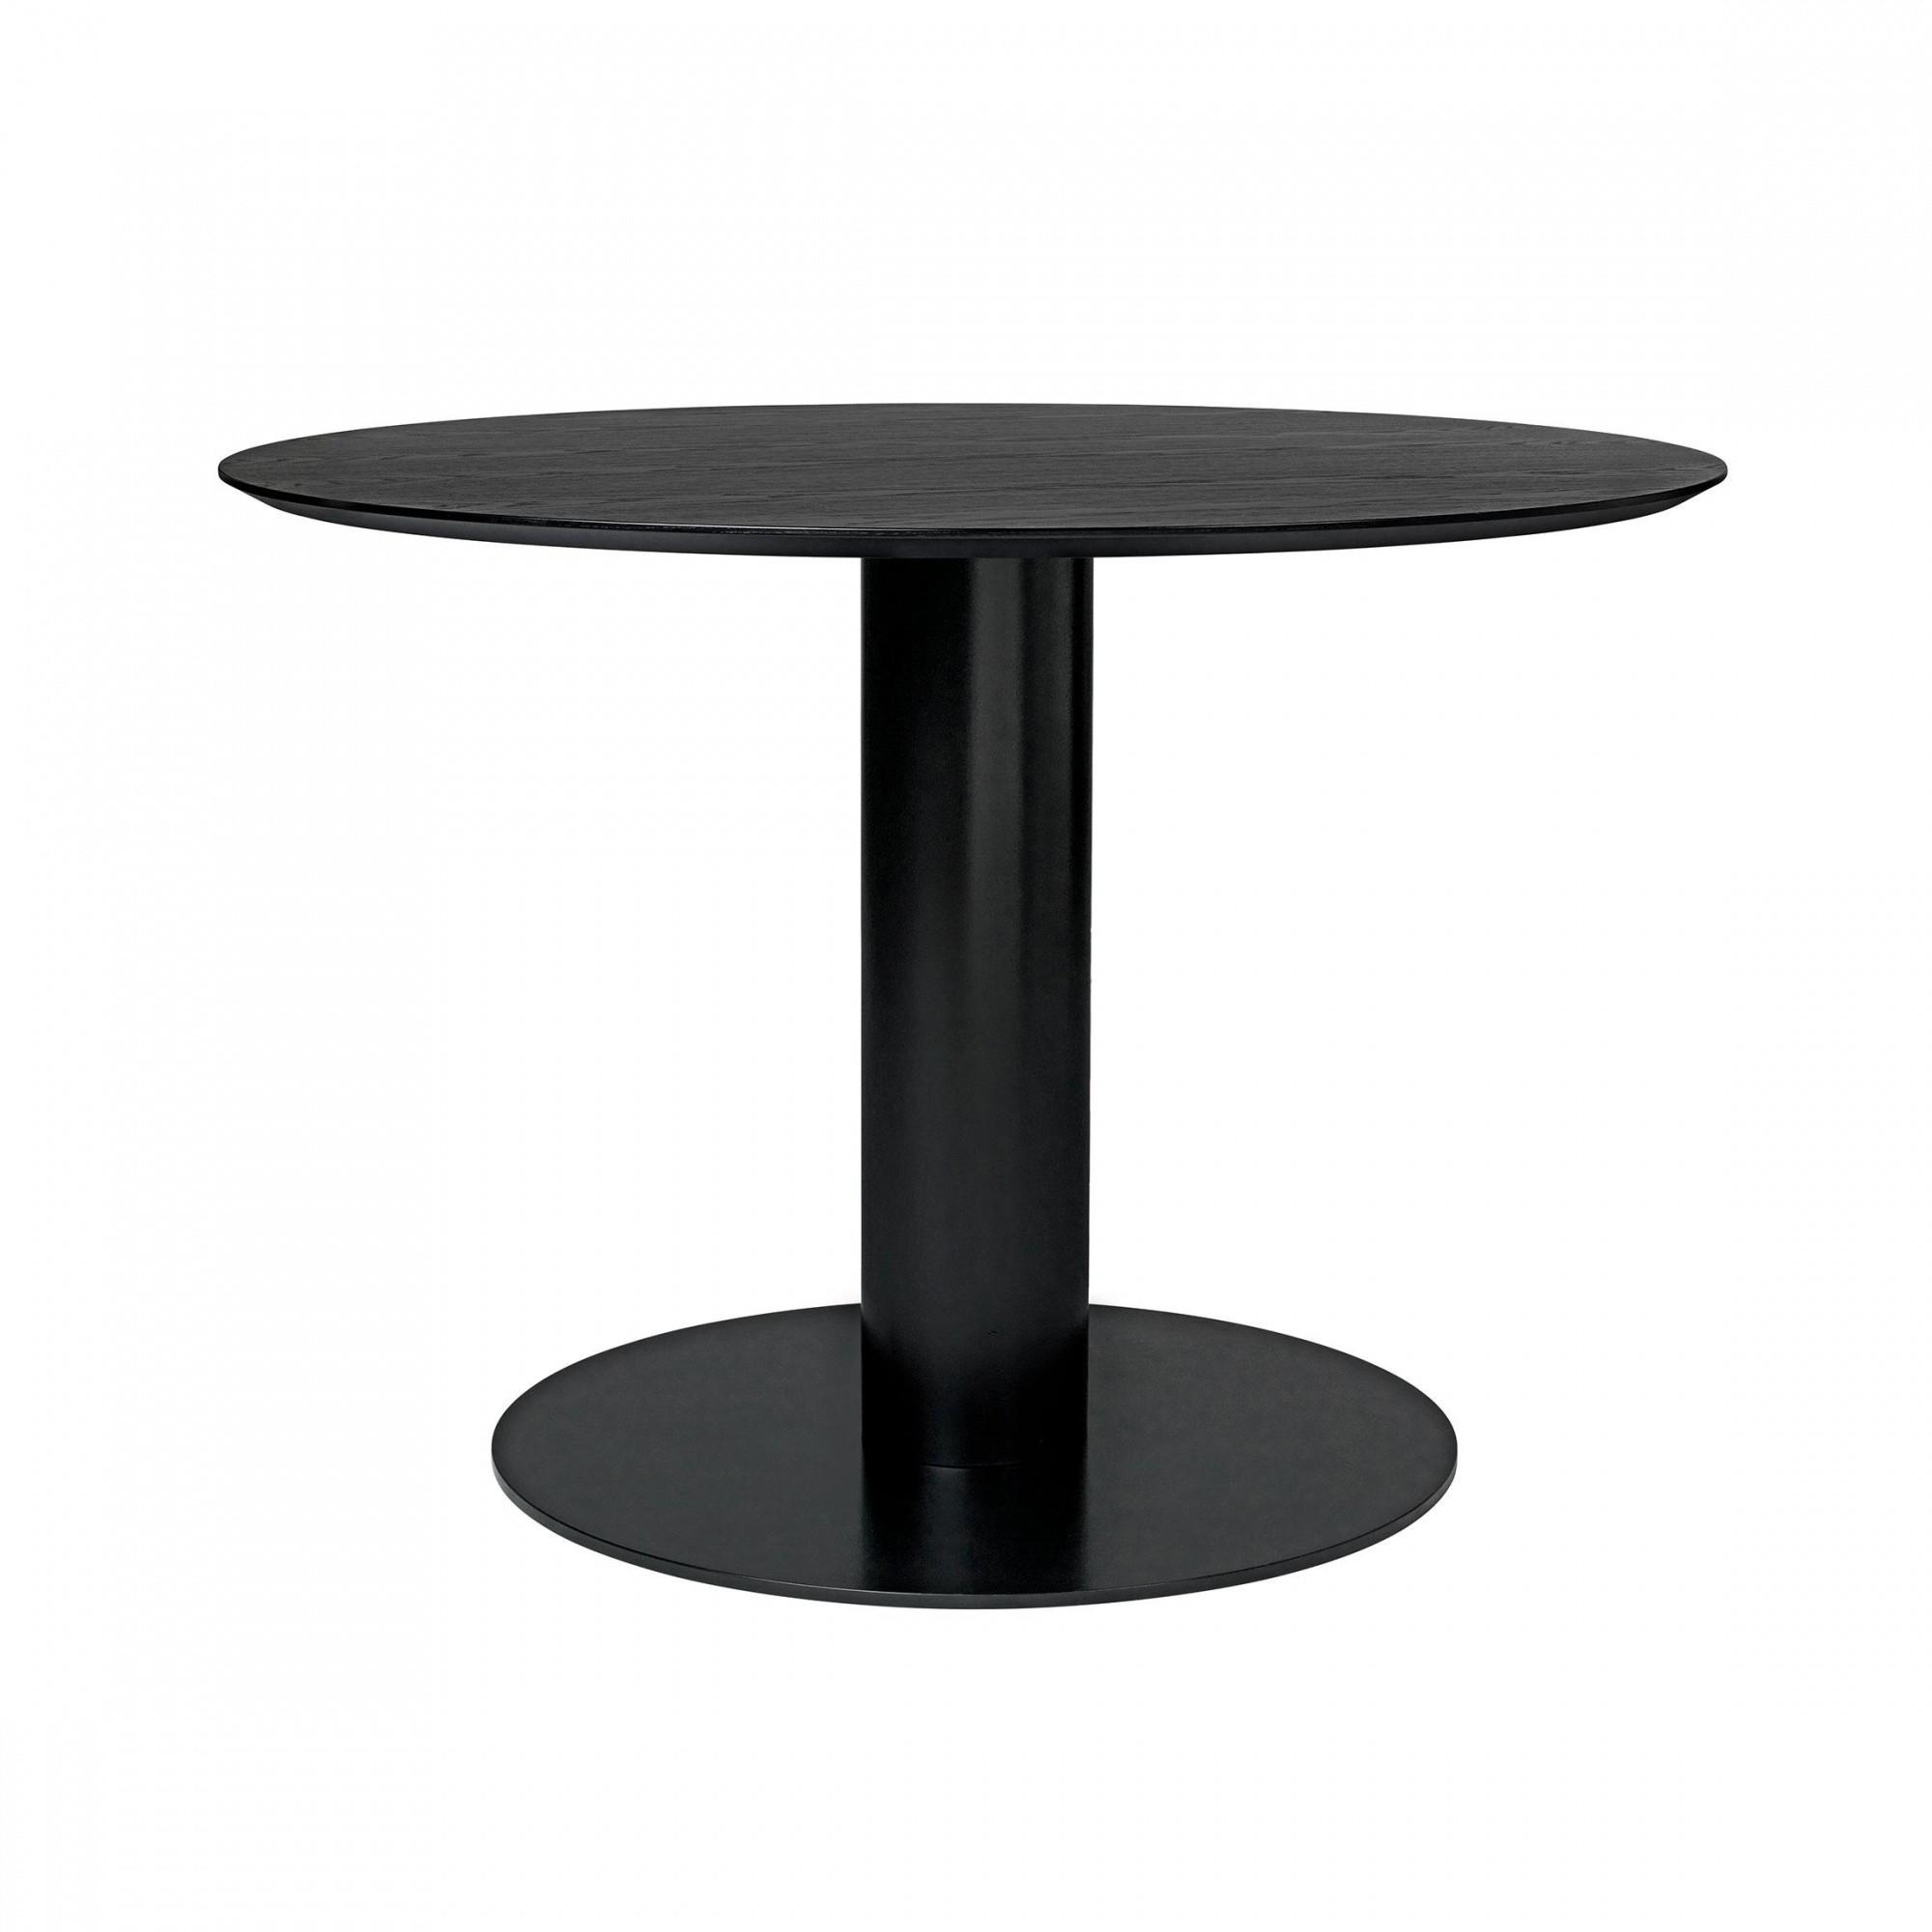 Gubi 2 0 Dining Table Frame Black O110cm Ambientedirect